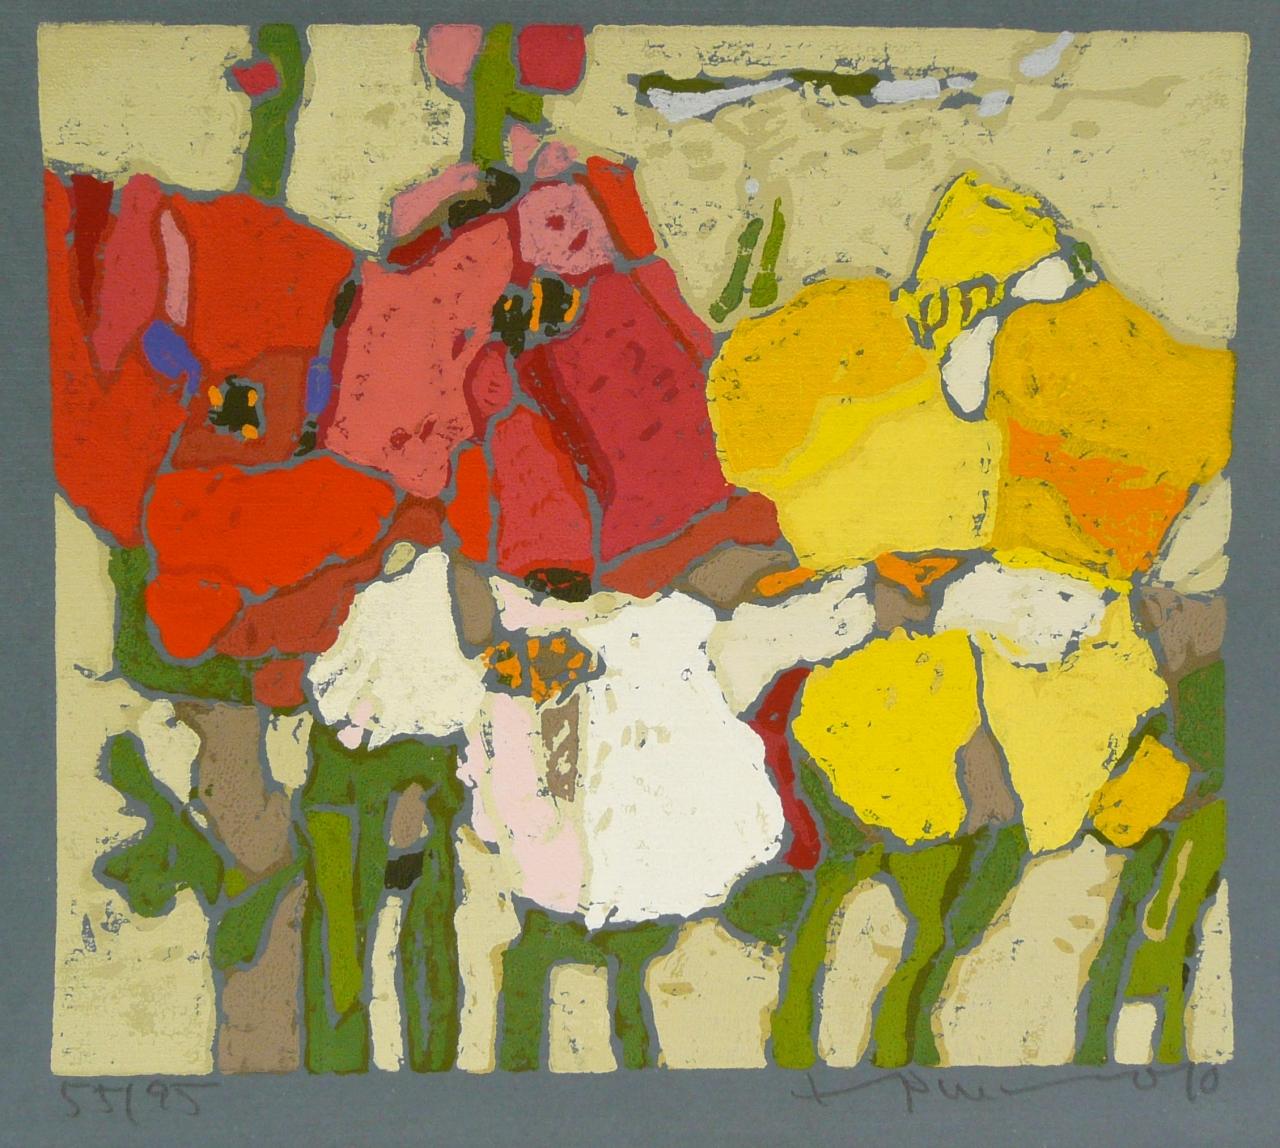 Rosen rot, weiß, gelb